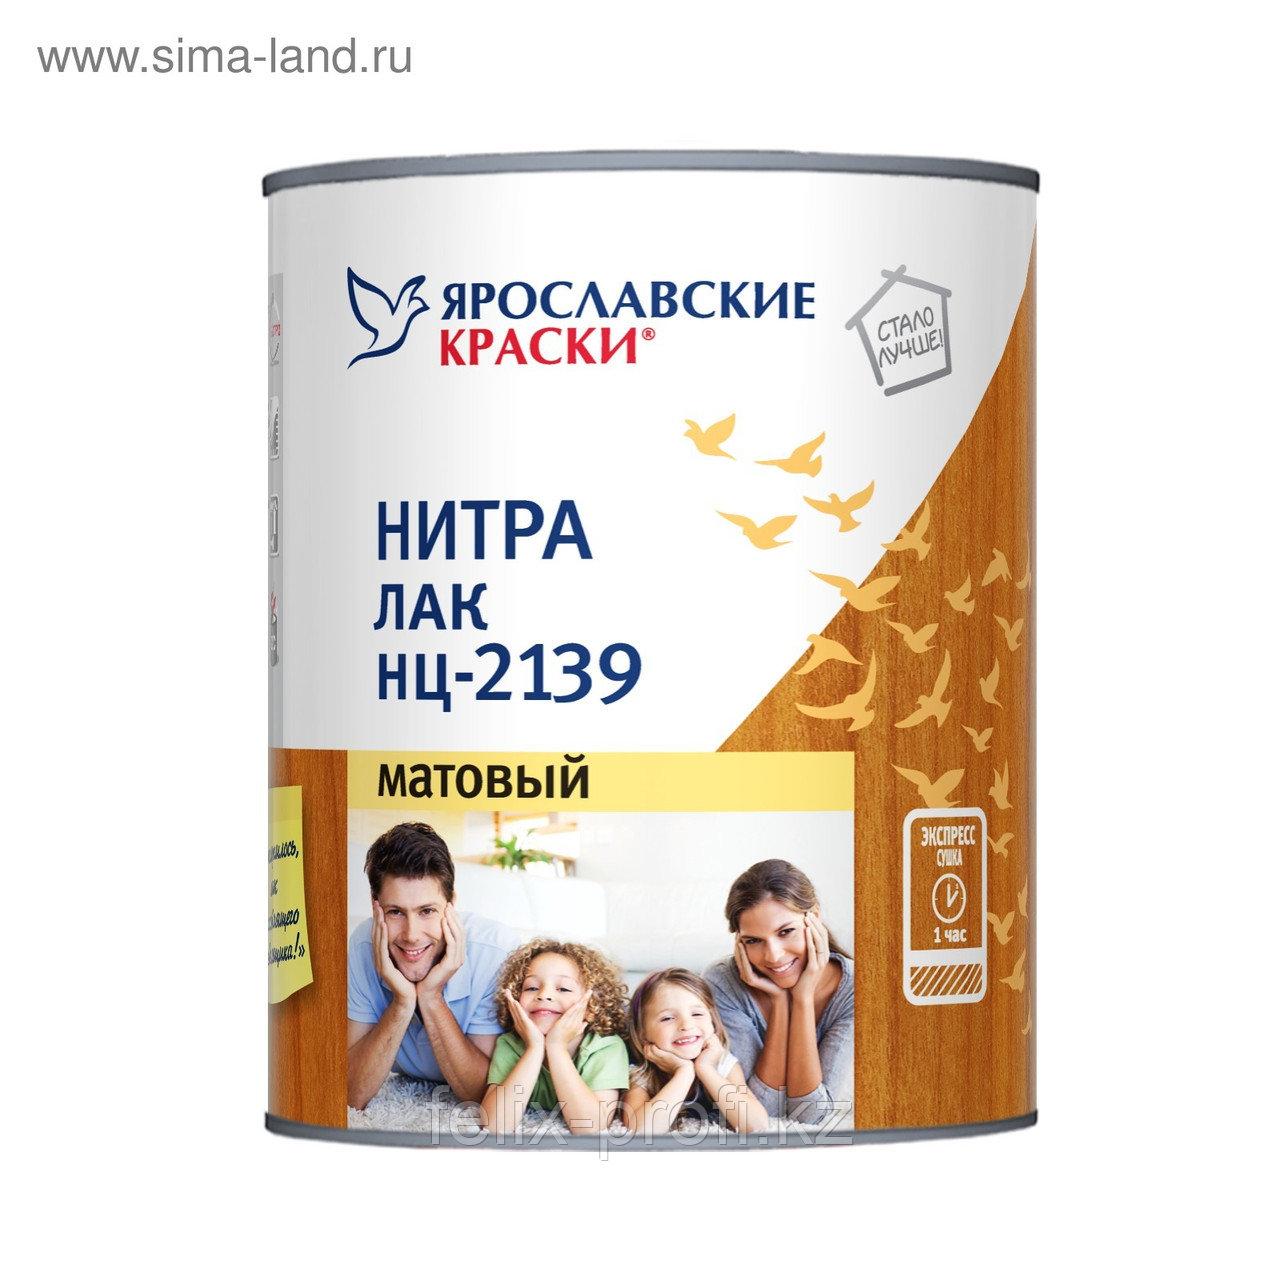 Як Нитра Лак НЦ 2139, 0,7 кг